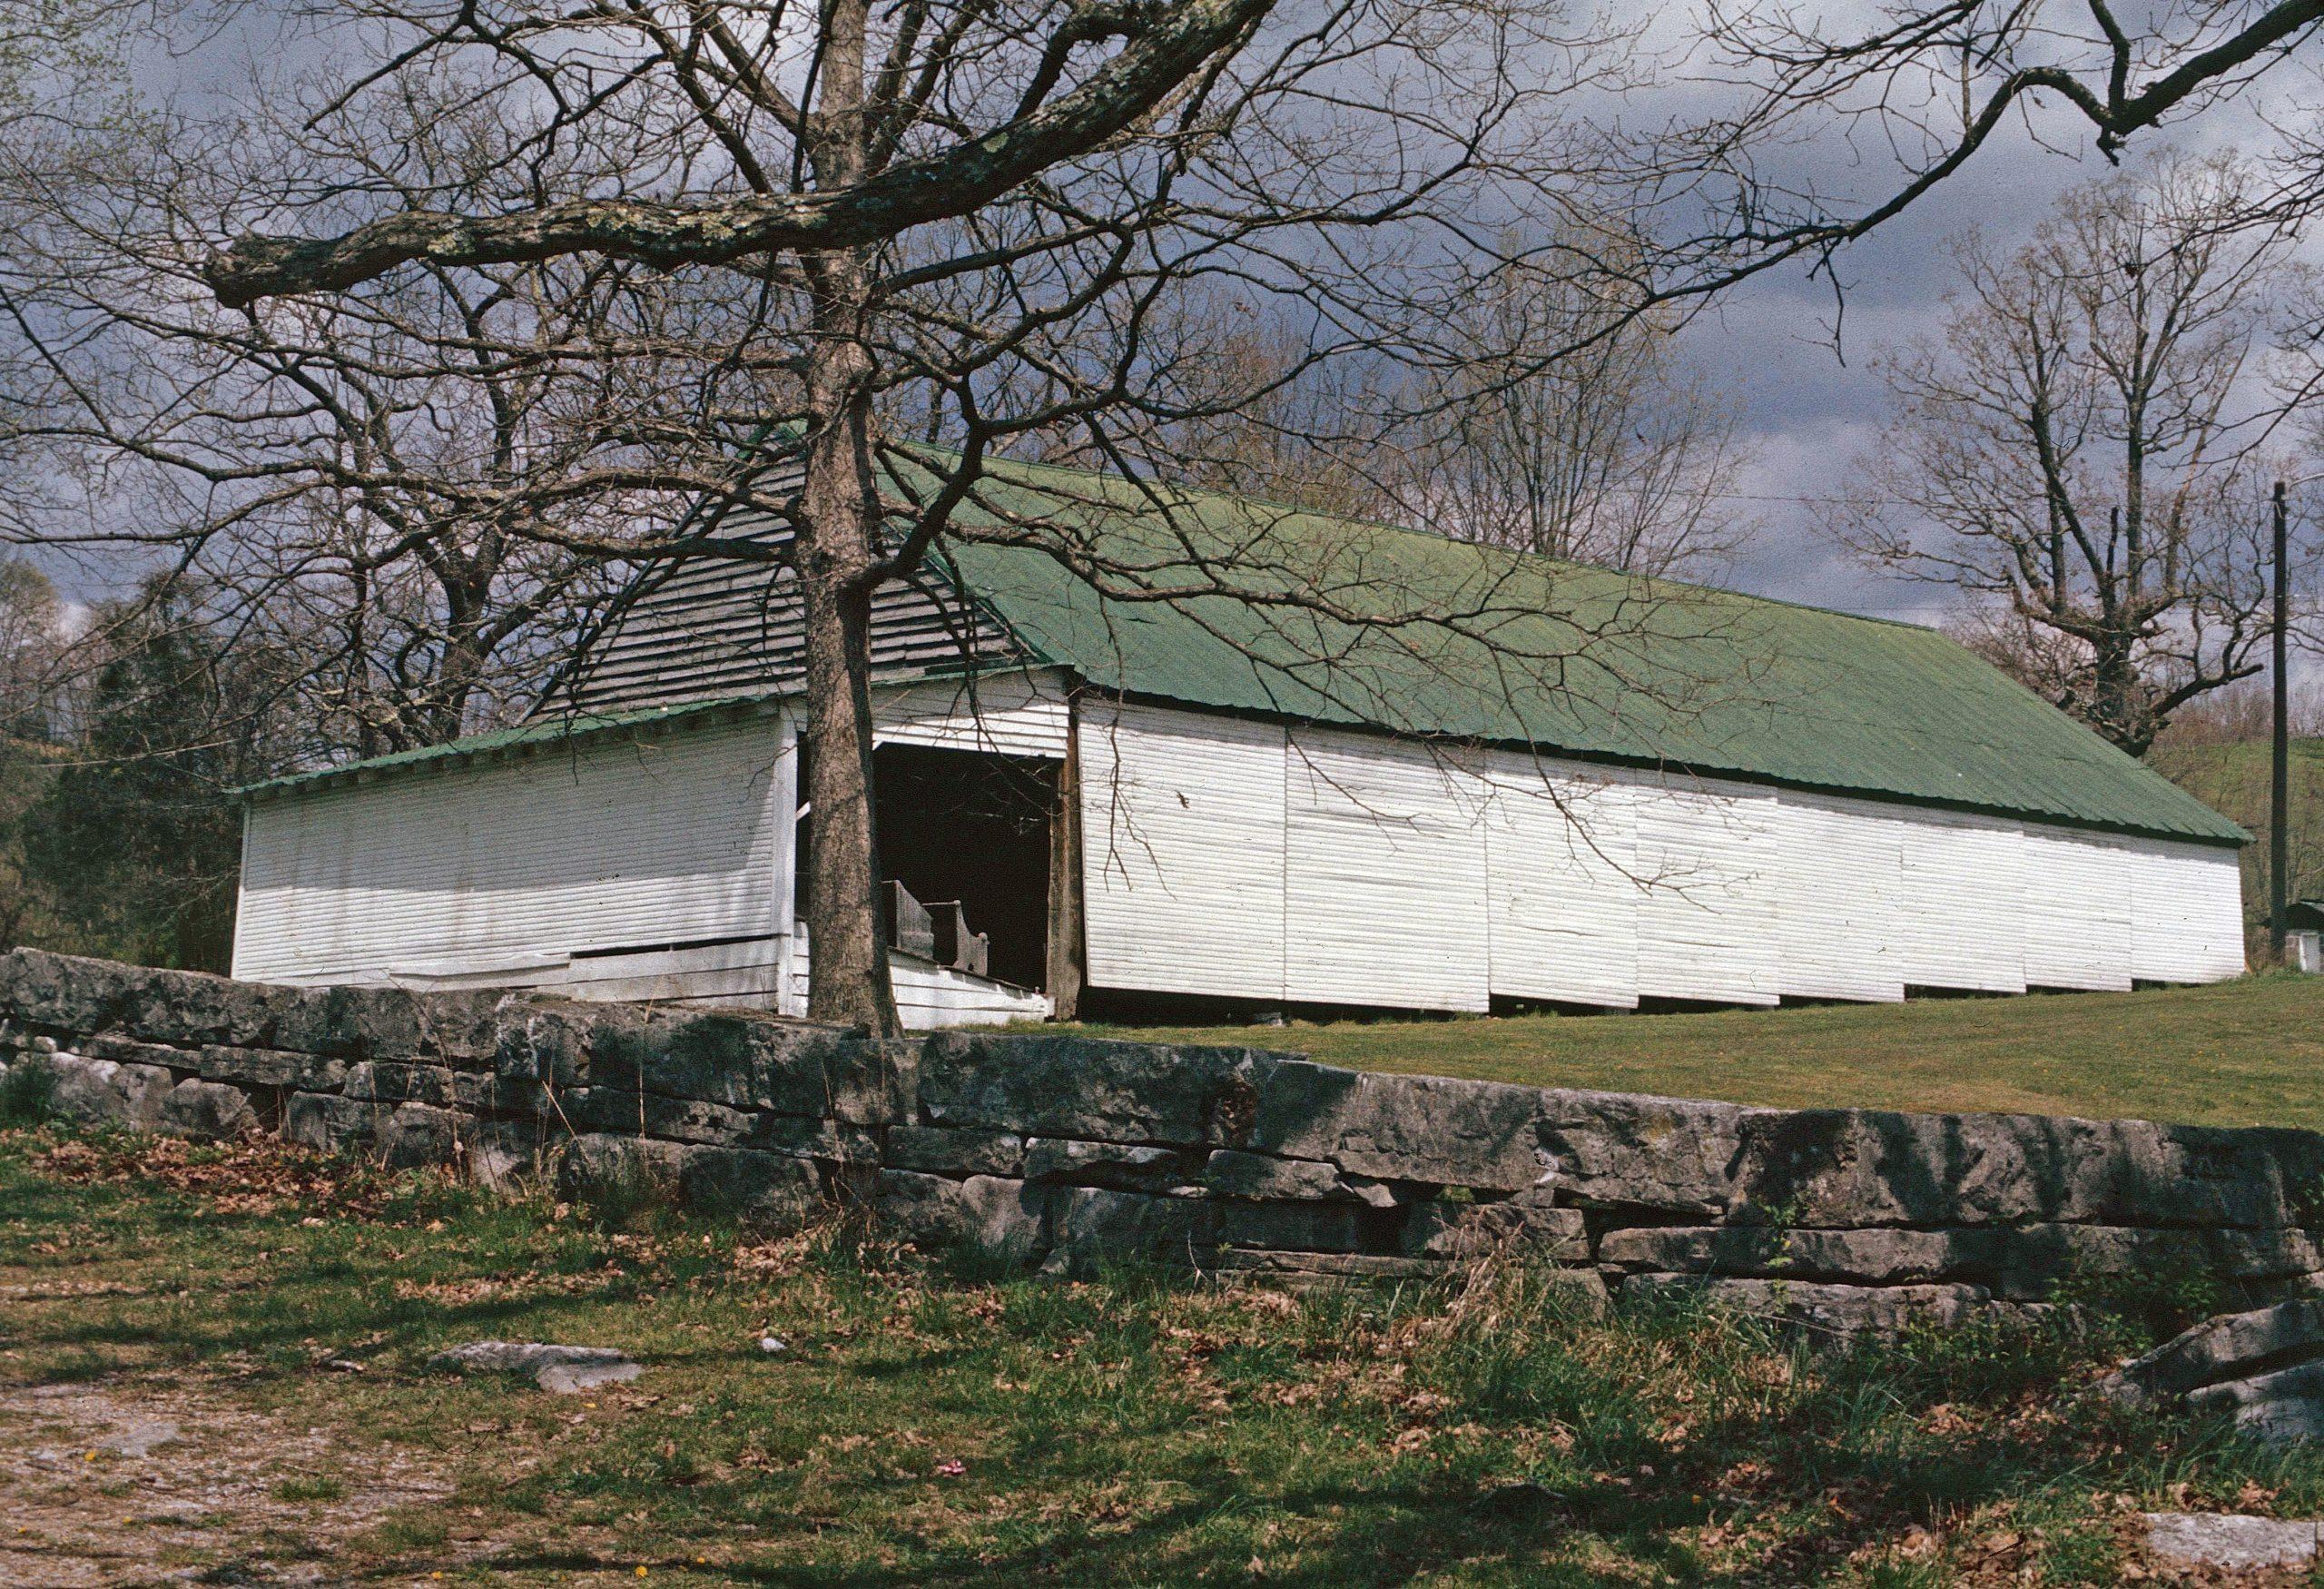 Jonesville Methodist Campground